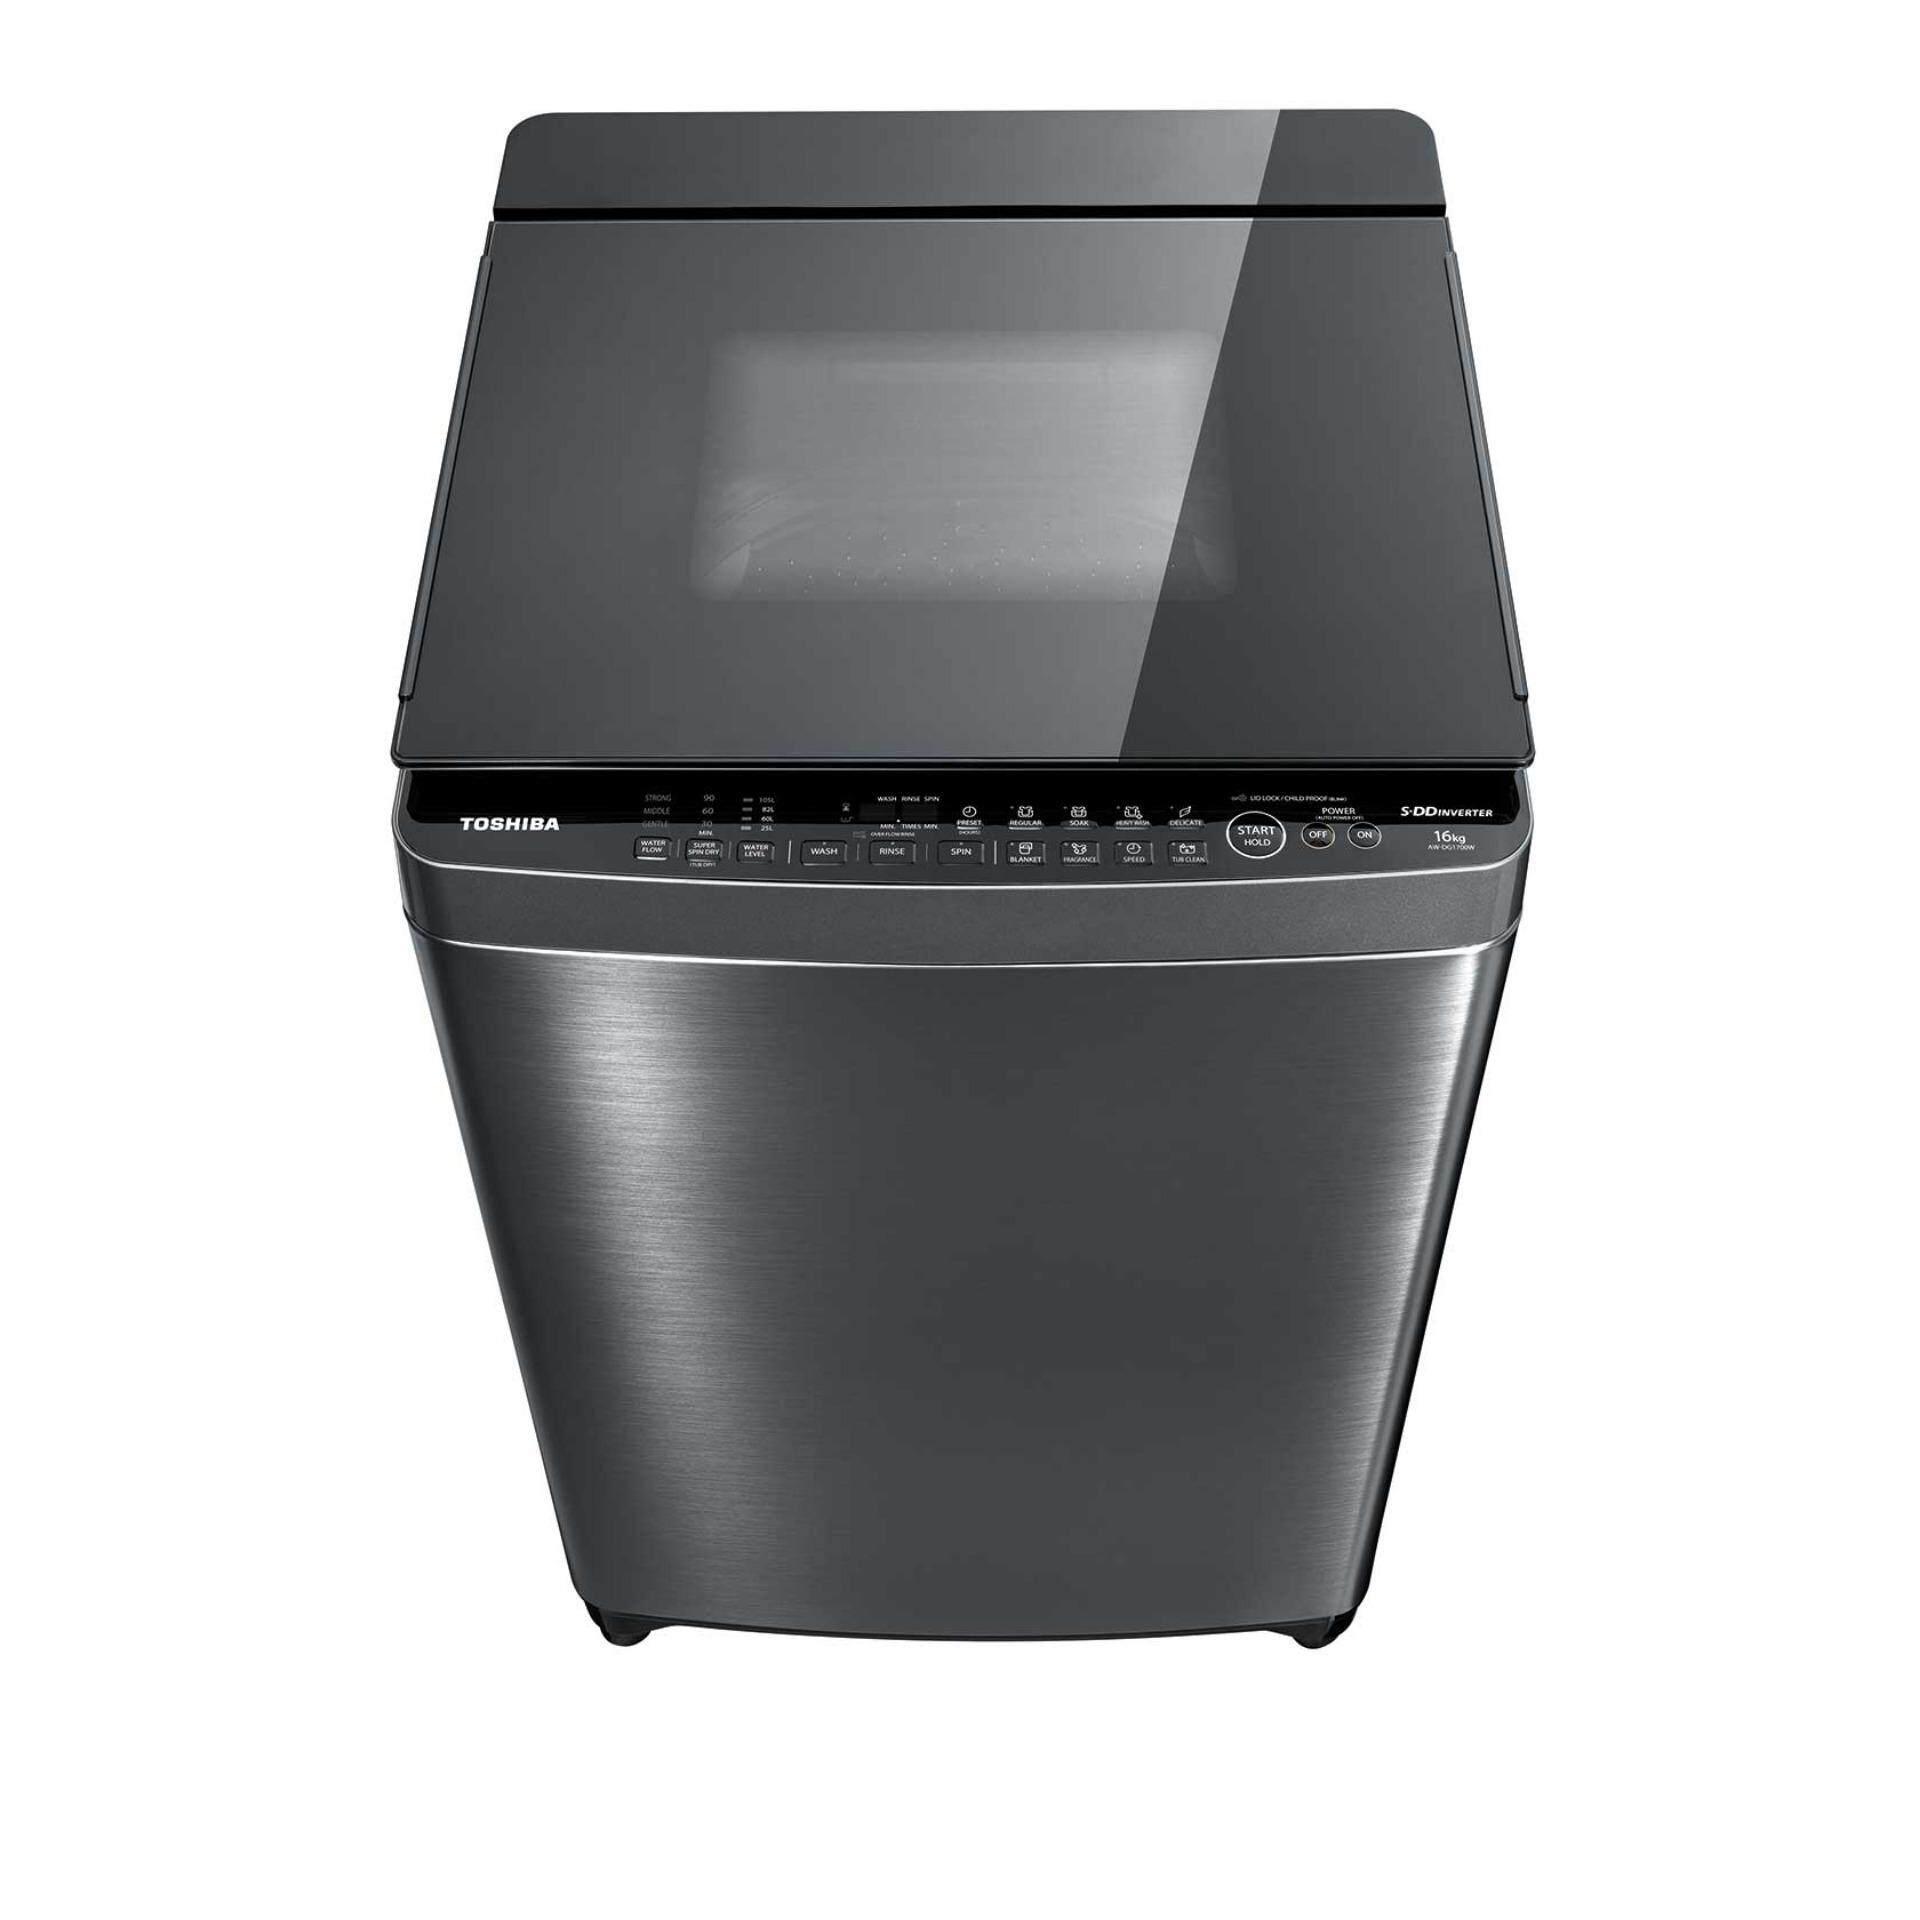 รีวิว ของแท้ เครื่องซักผ้า Beko Sale -40% เครื่องซักผ้าฝาหน้า BEKO WCV7512 BSO 7KG 1000RPM รีวิวดีที่สุด อันดับ1